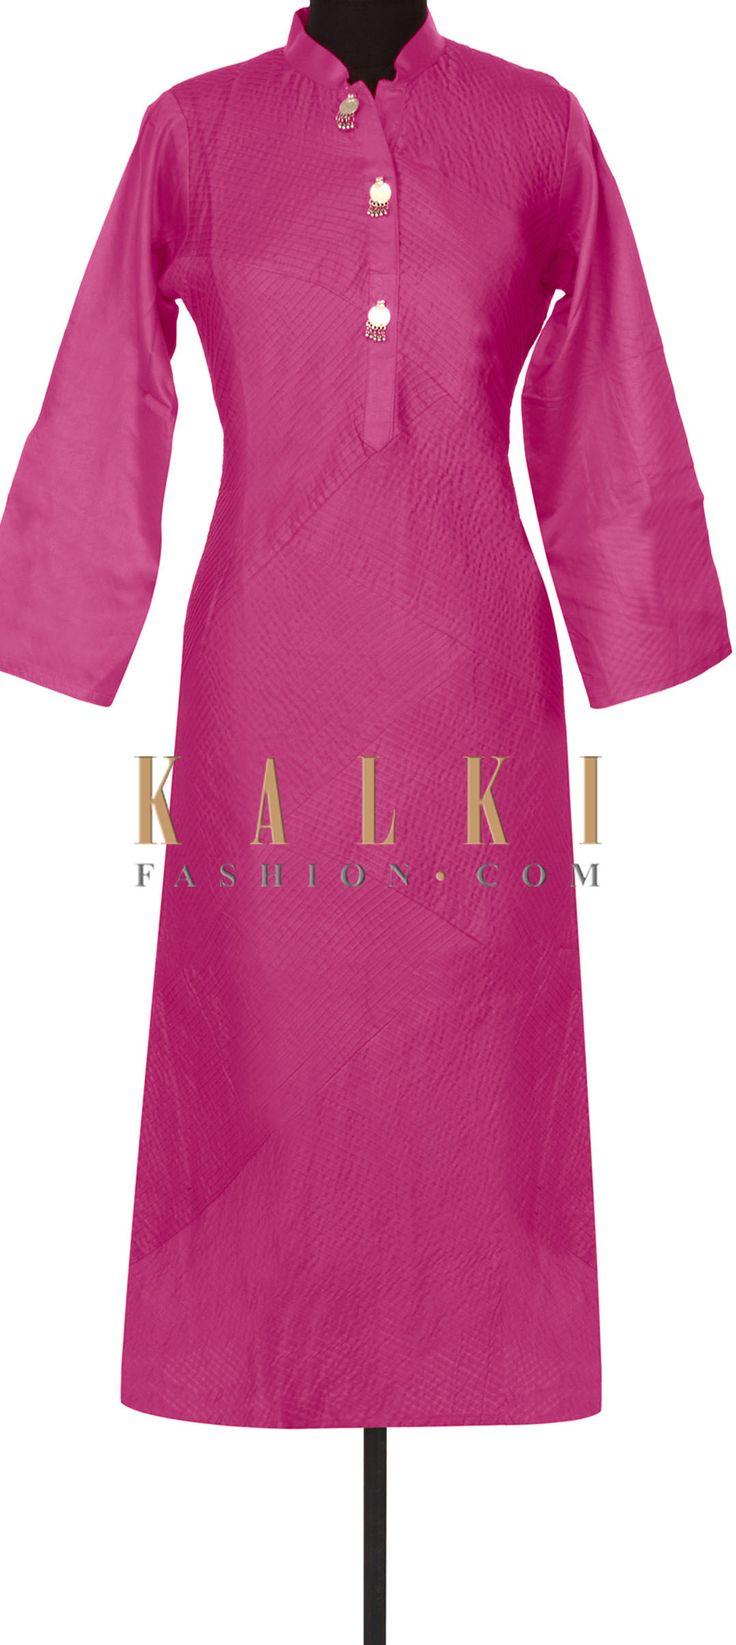 Buy this Pink kurti enhanced in pin tucks only on Kalki